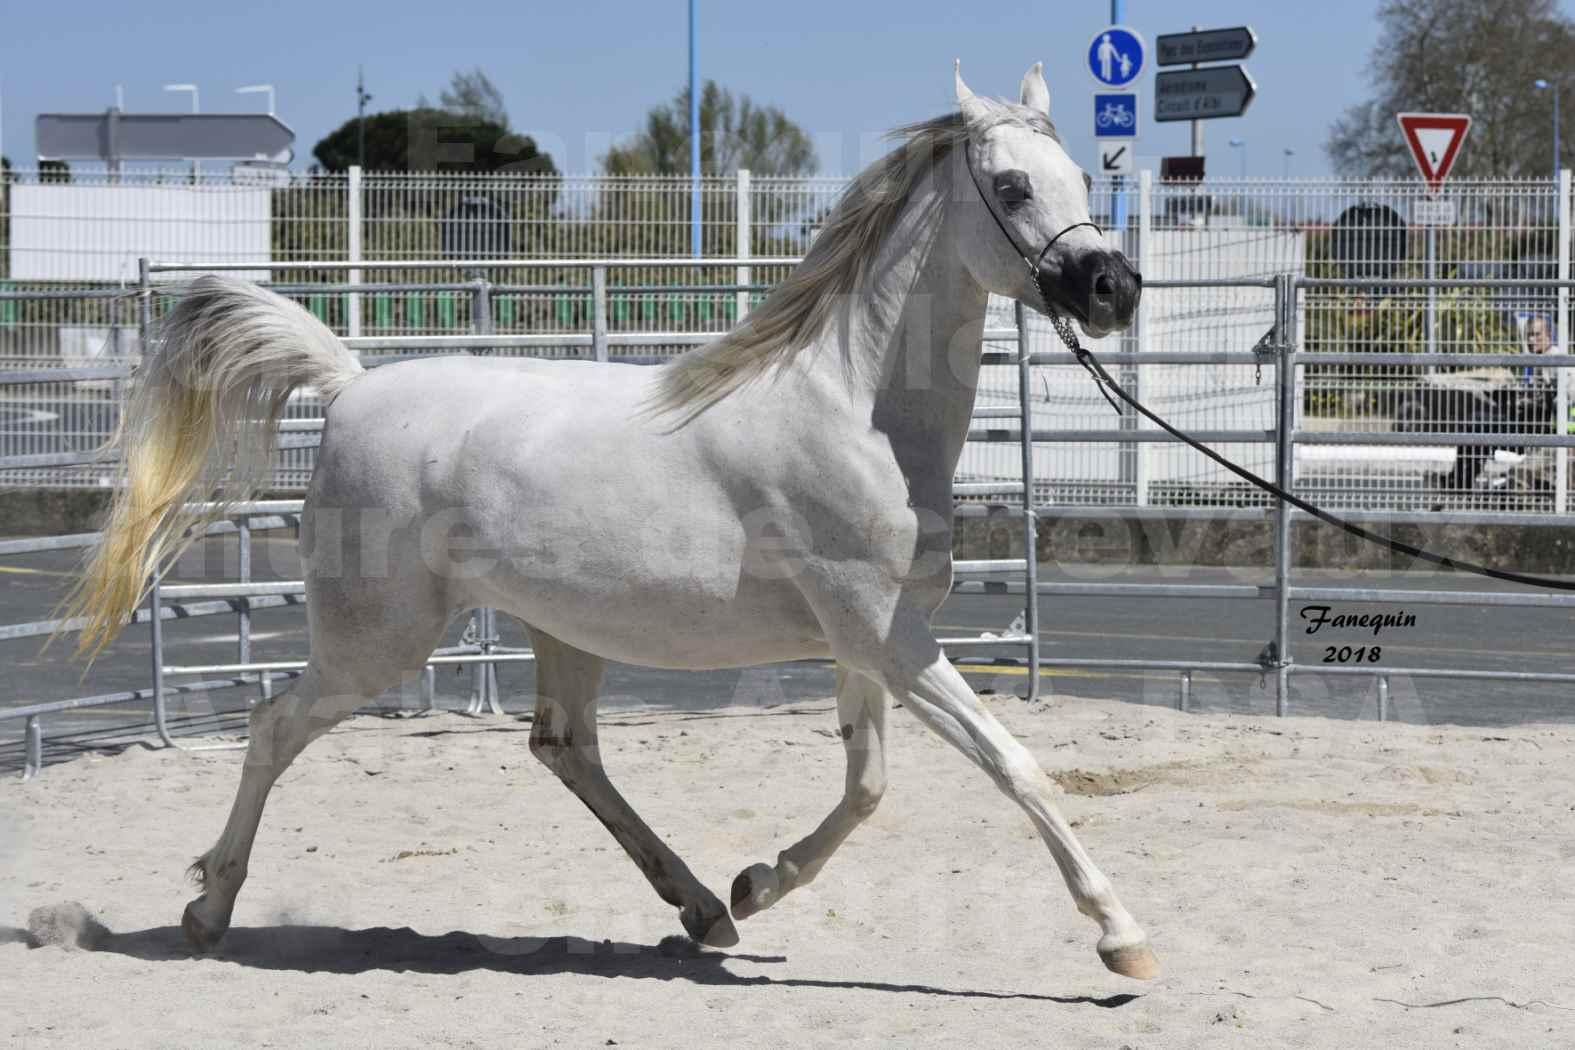 Concours d'élevage de Chevaux Arabes - Demi Sang Arabes - Anglo Arabes - ALBI les 6 & 7 Avril 2018 - FEDORA DE LAFON - Notre Sélection - 3